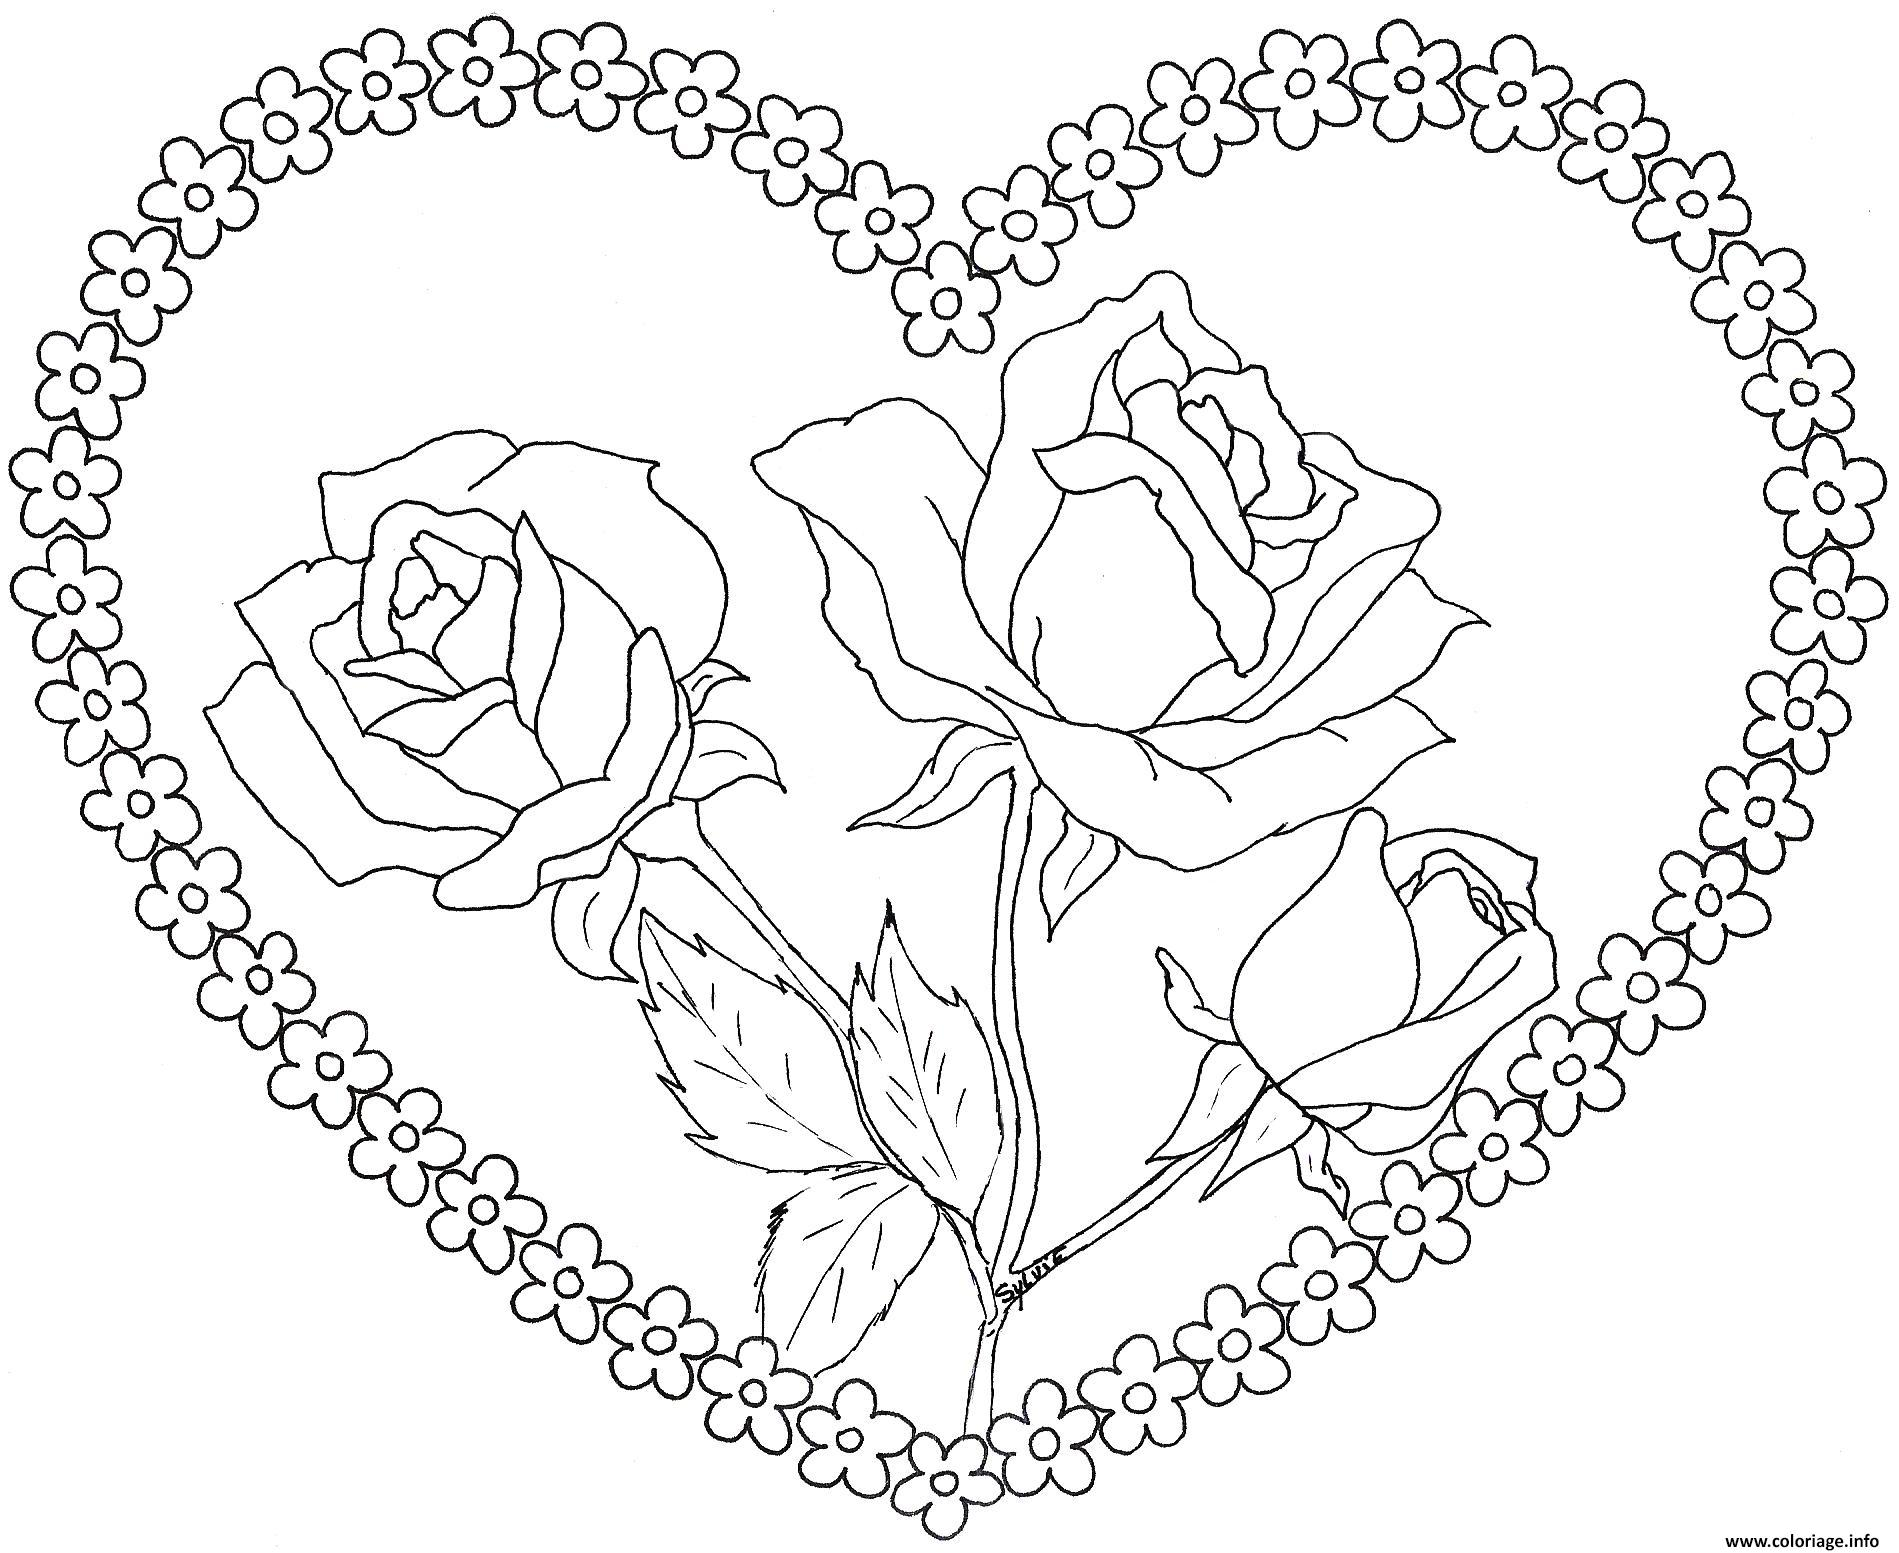 Coloriage bouquet de fleurs en forme de coeur - Image de coeur a colorier ...